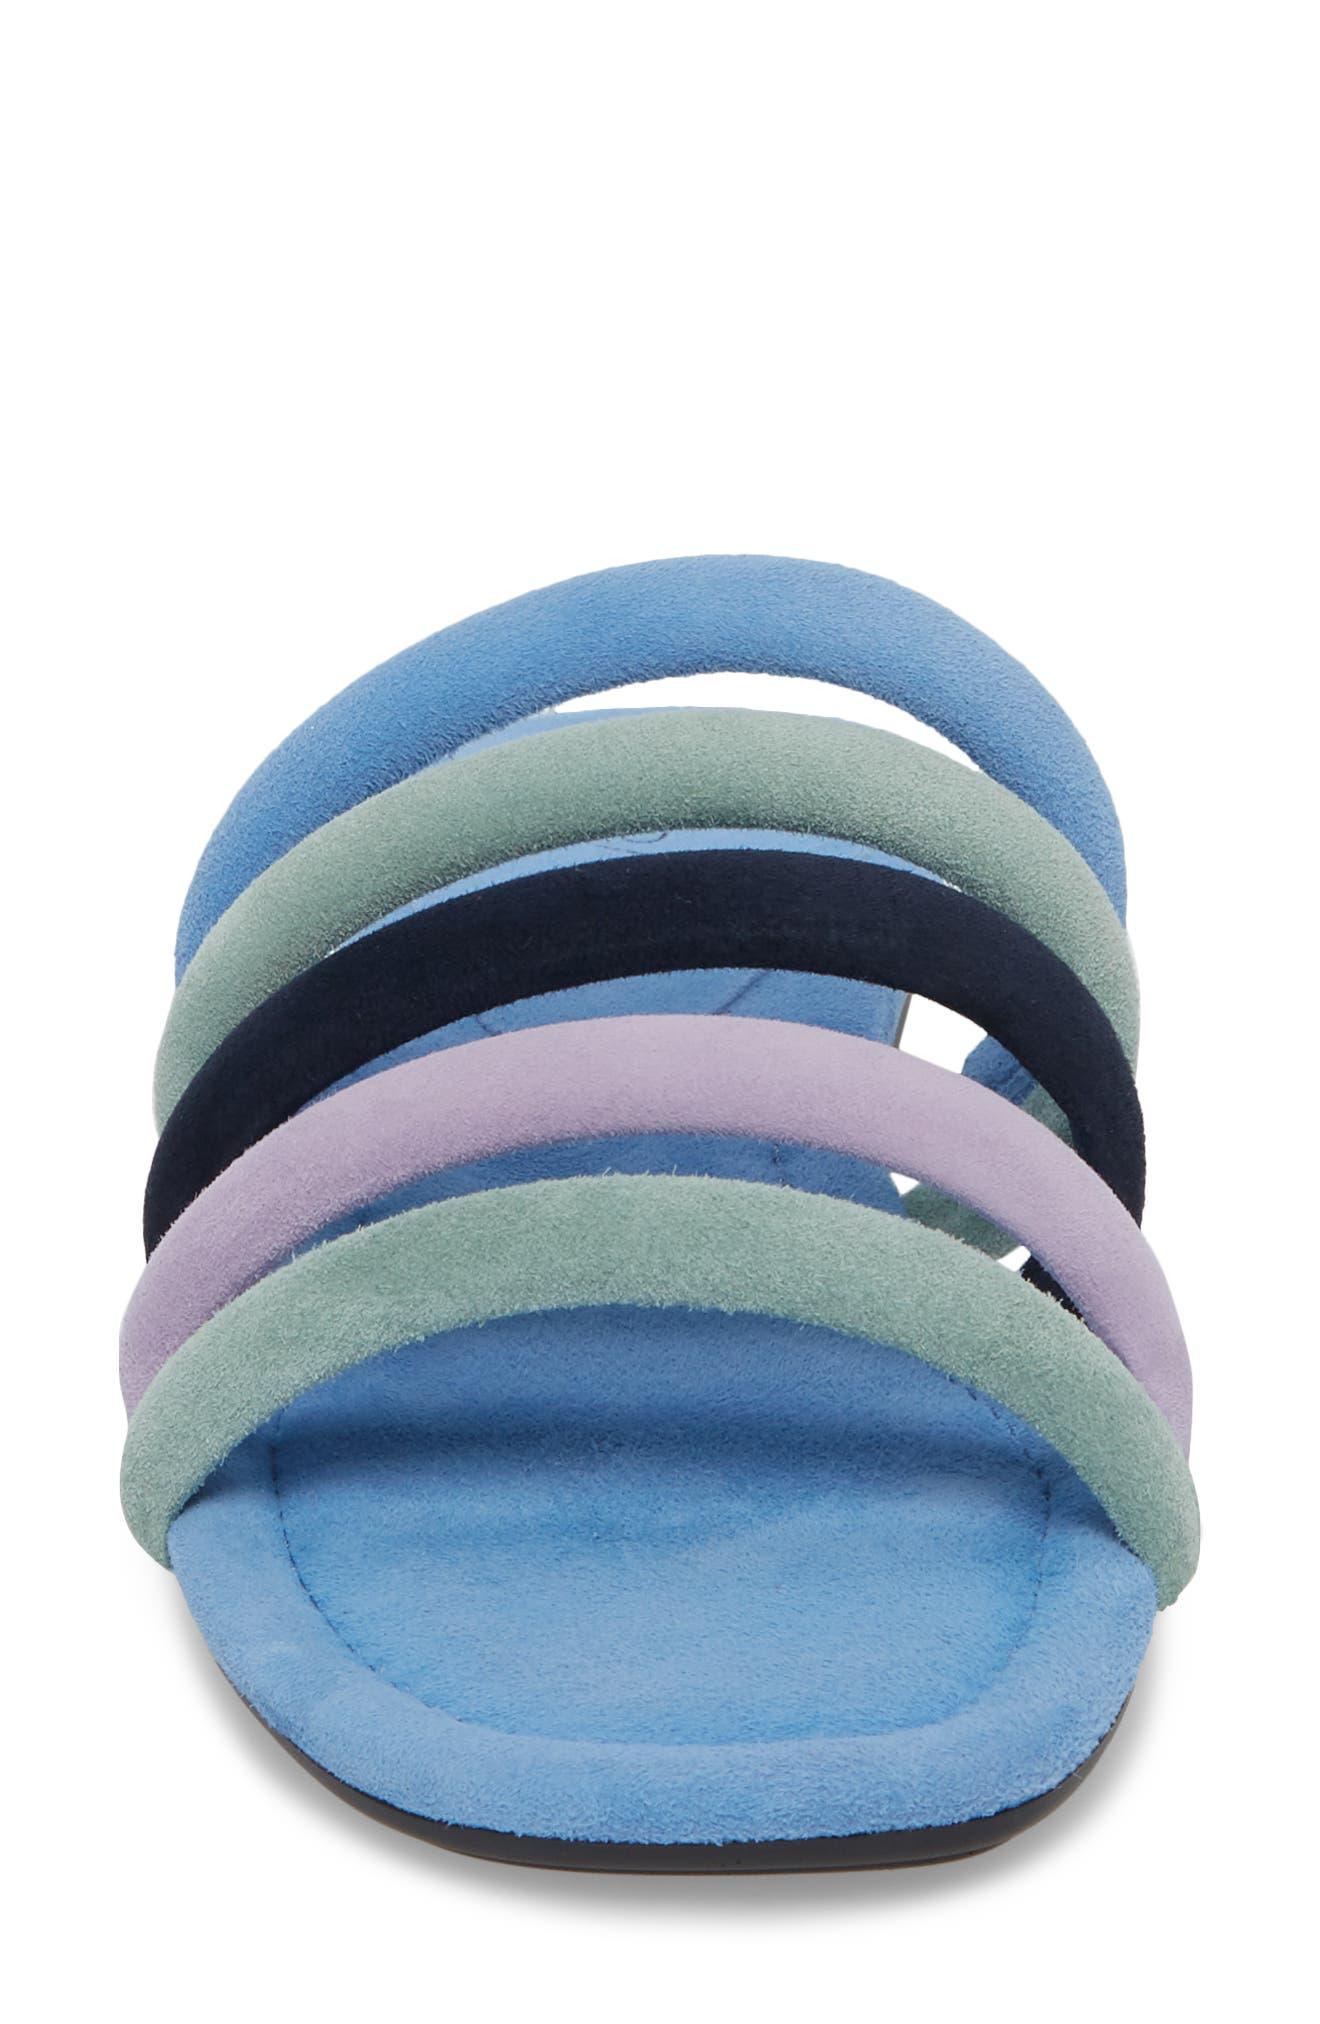 Kip Slide Sandal,                             Alternate thumbnail 4, color,                             Sage/ Blue Leather